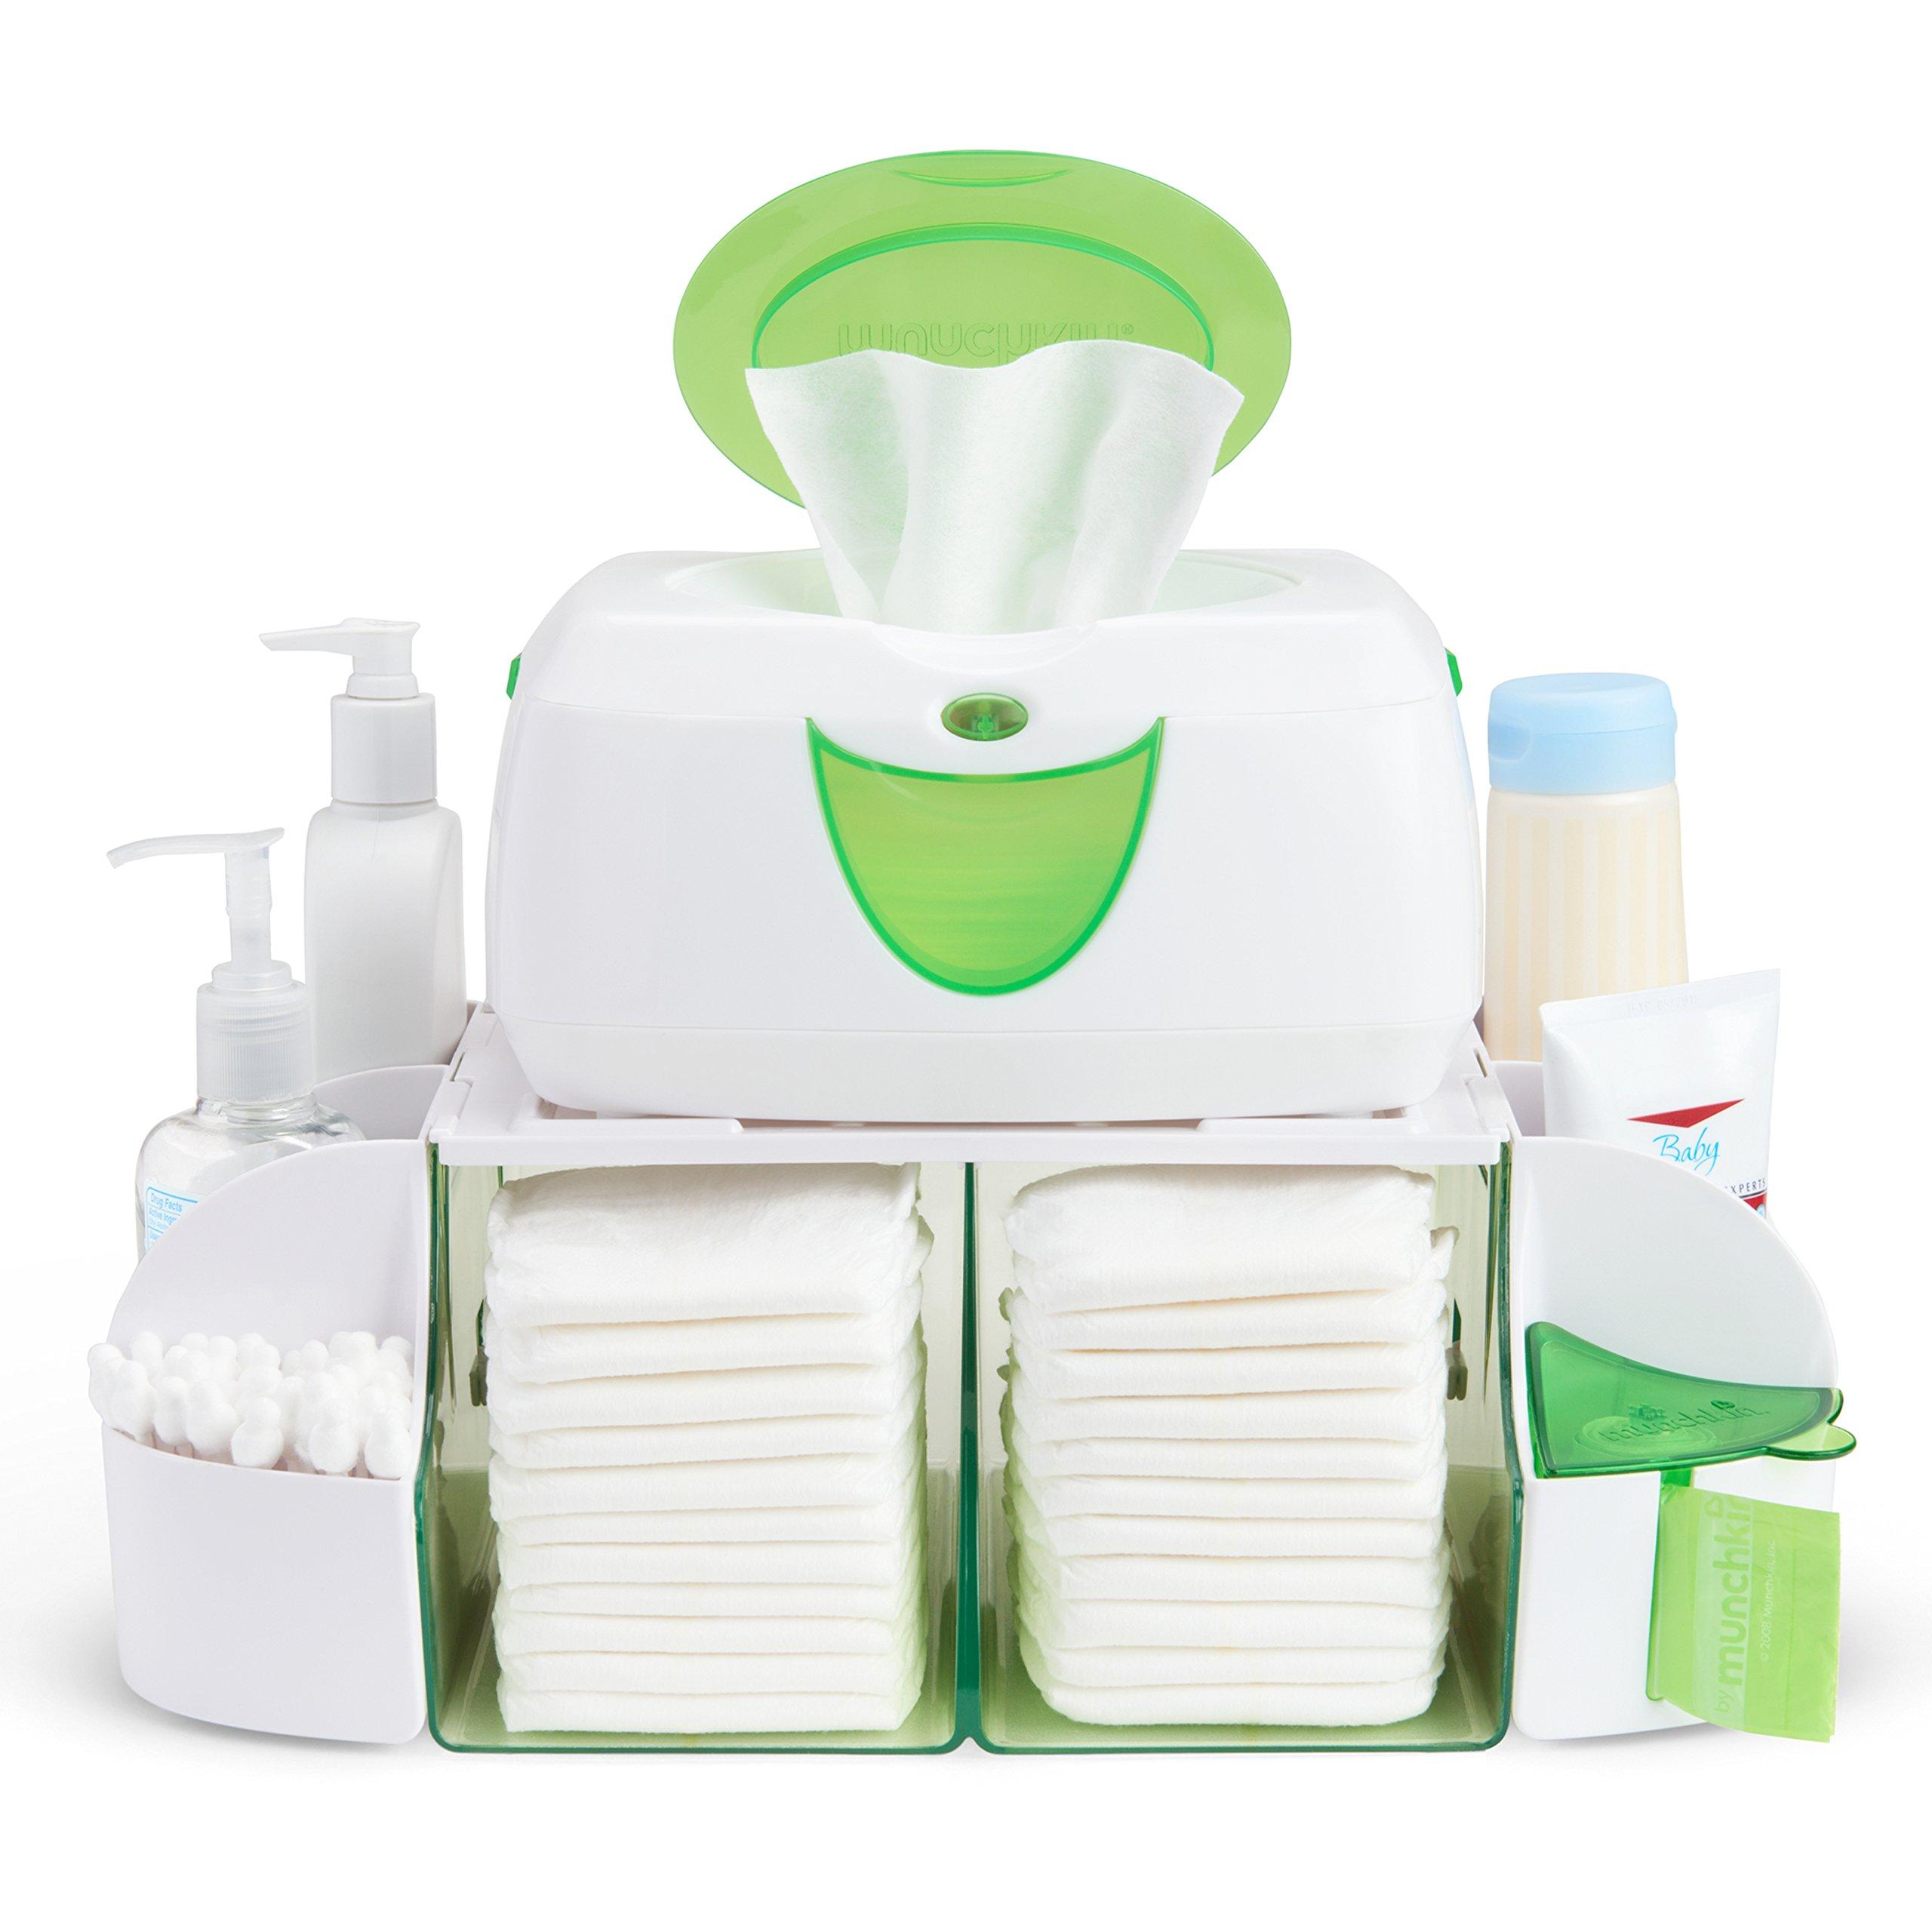 Munchkin Diaper Duty Organizer,Green by Munchkin